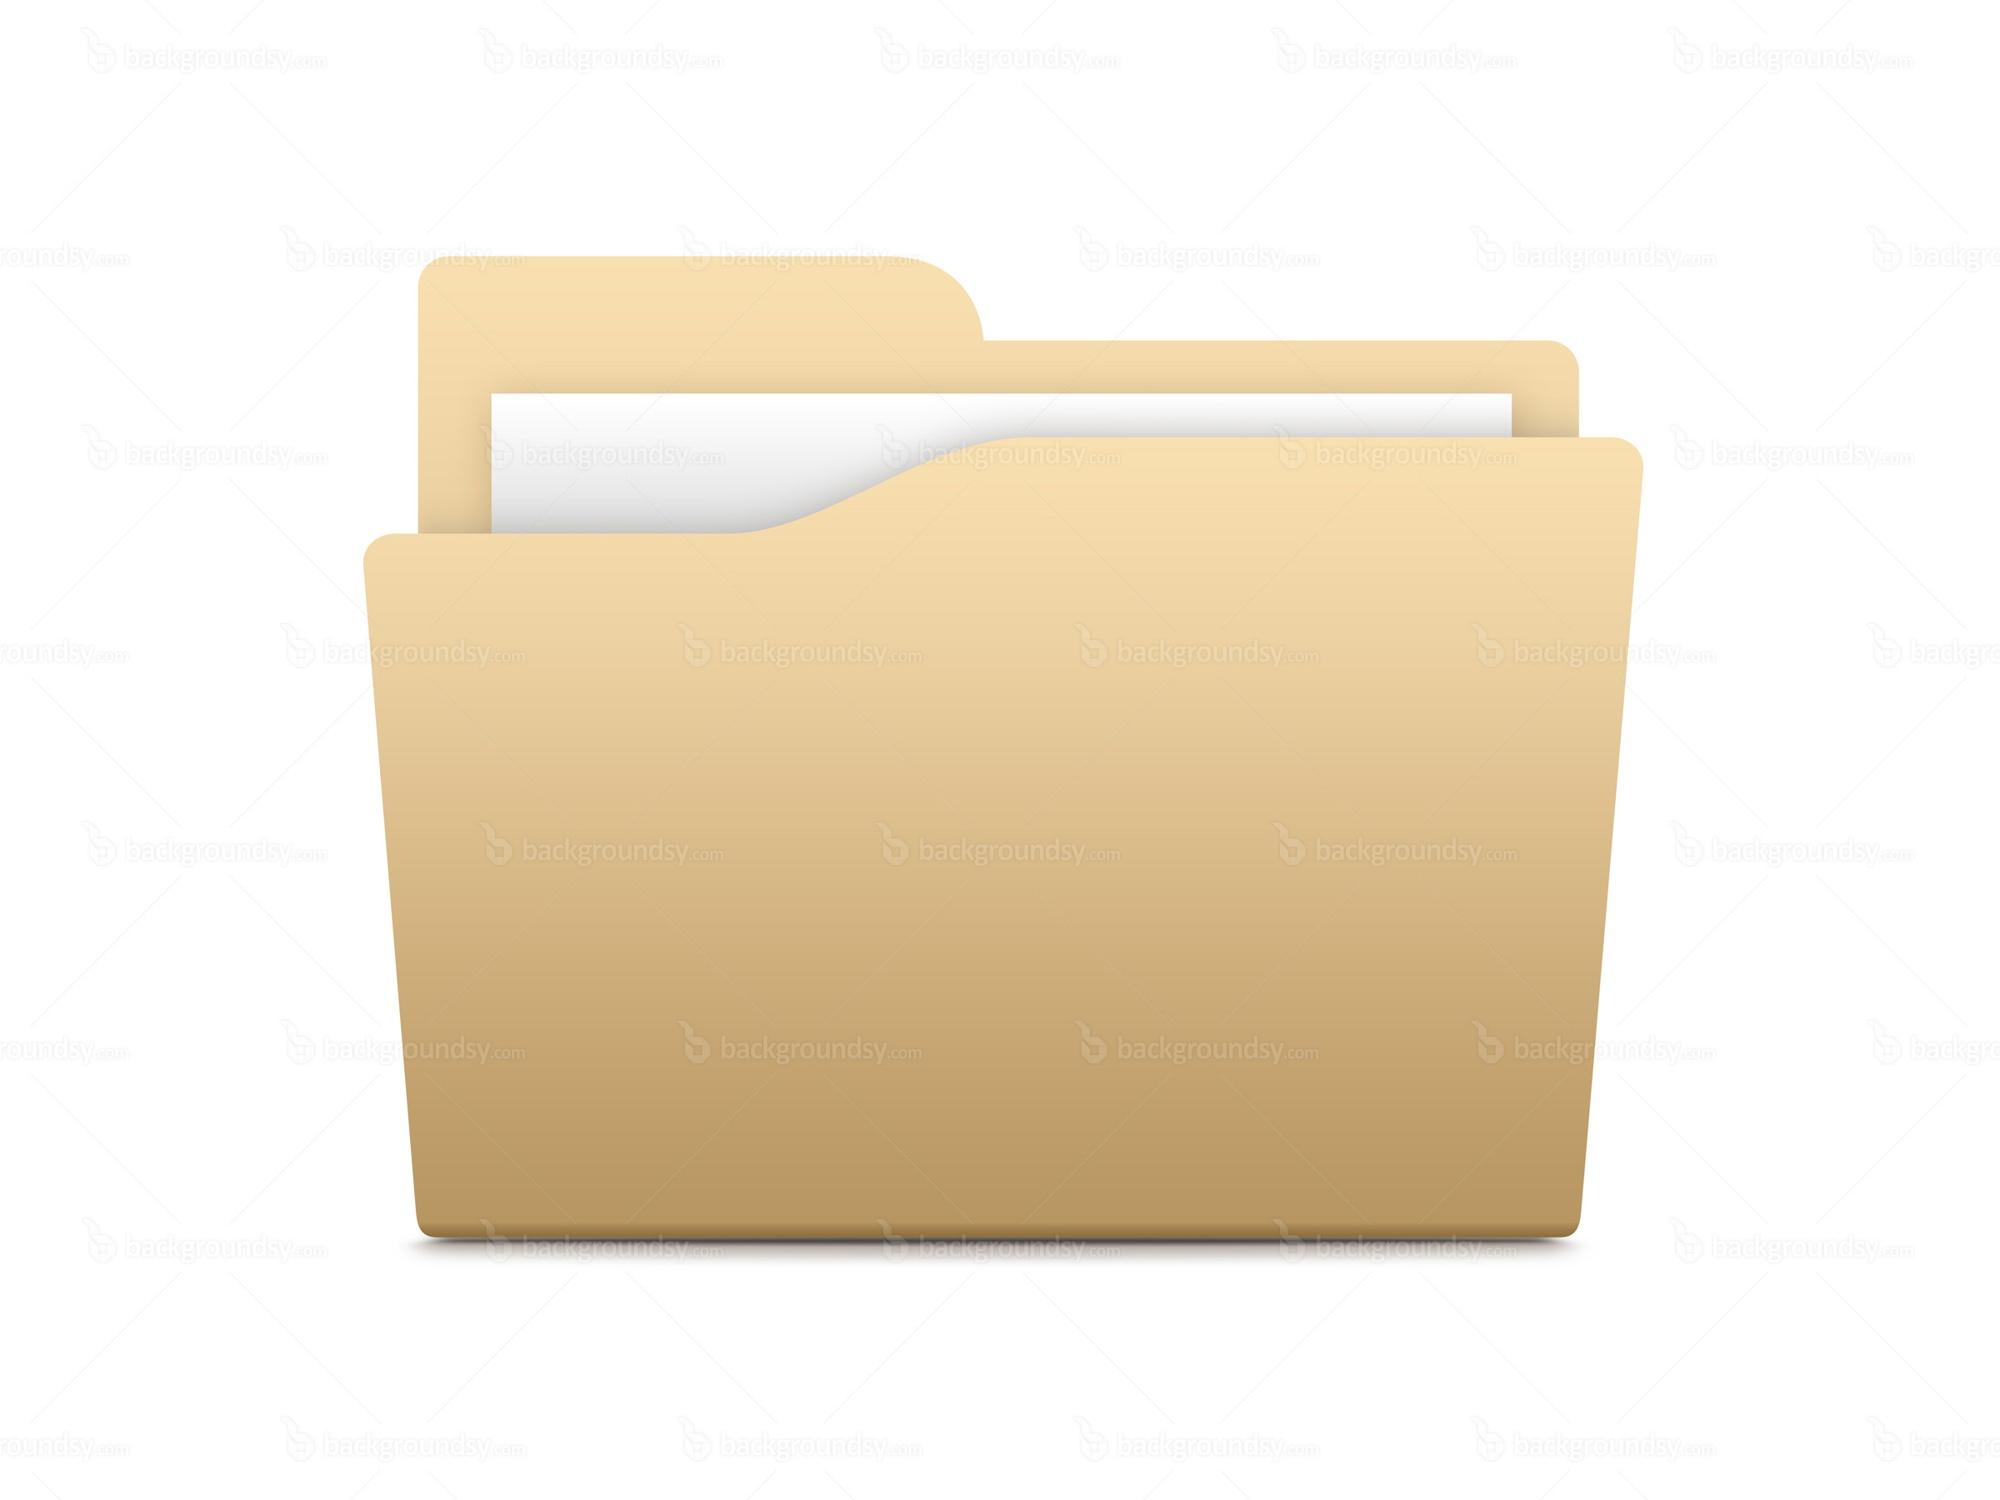 Αποτέλεσμα εικόνας για folder